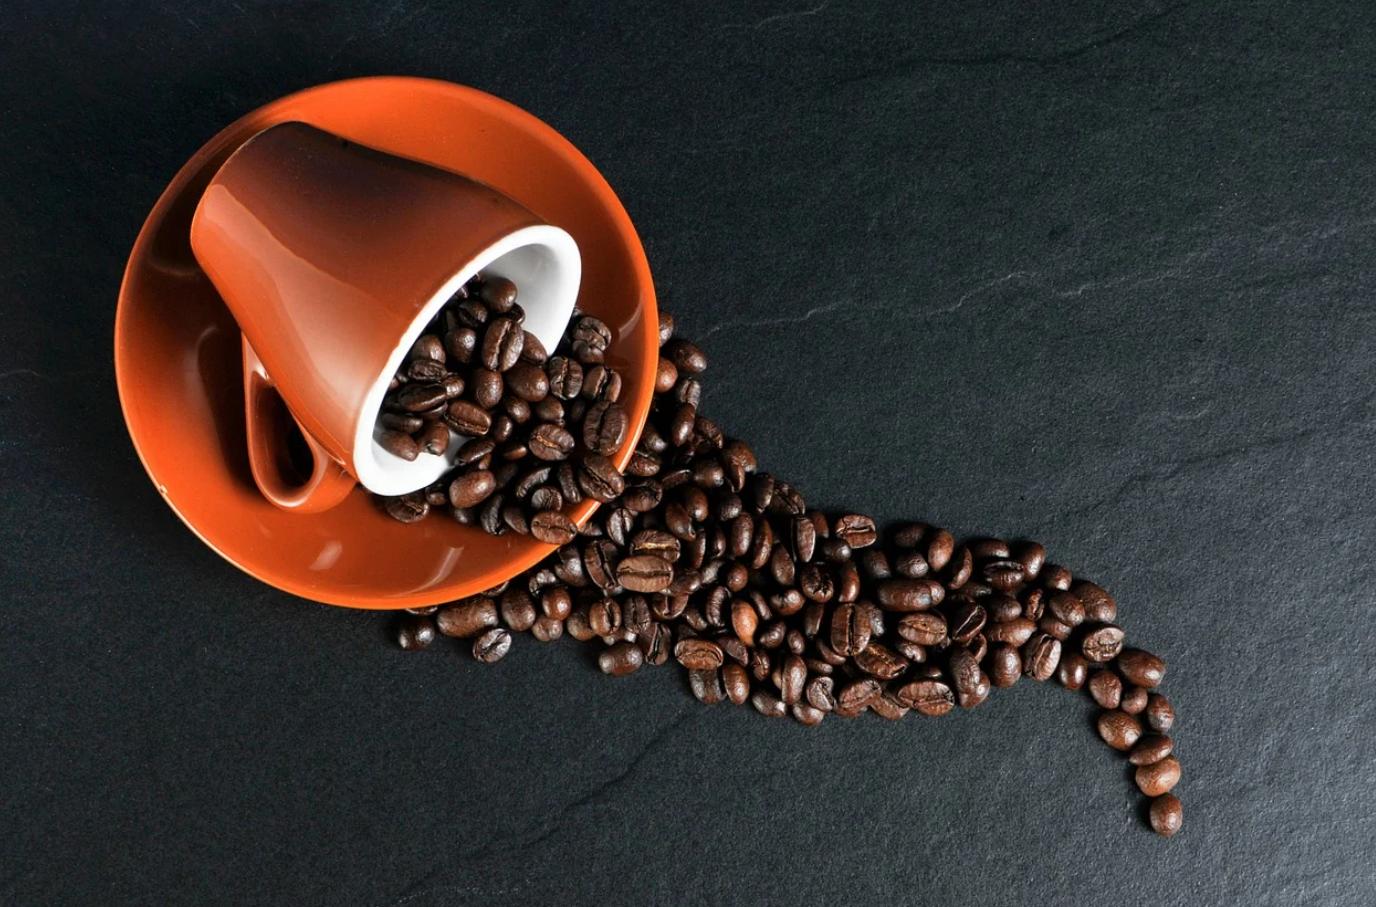 Verschillende soorten koffiebonen